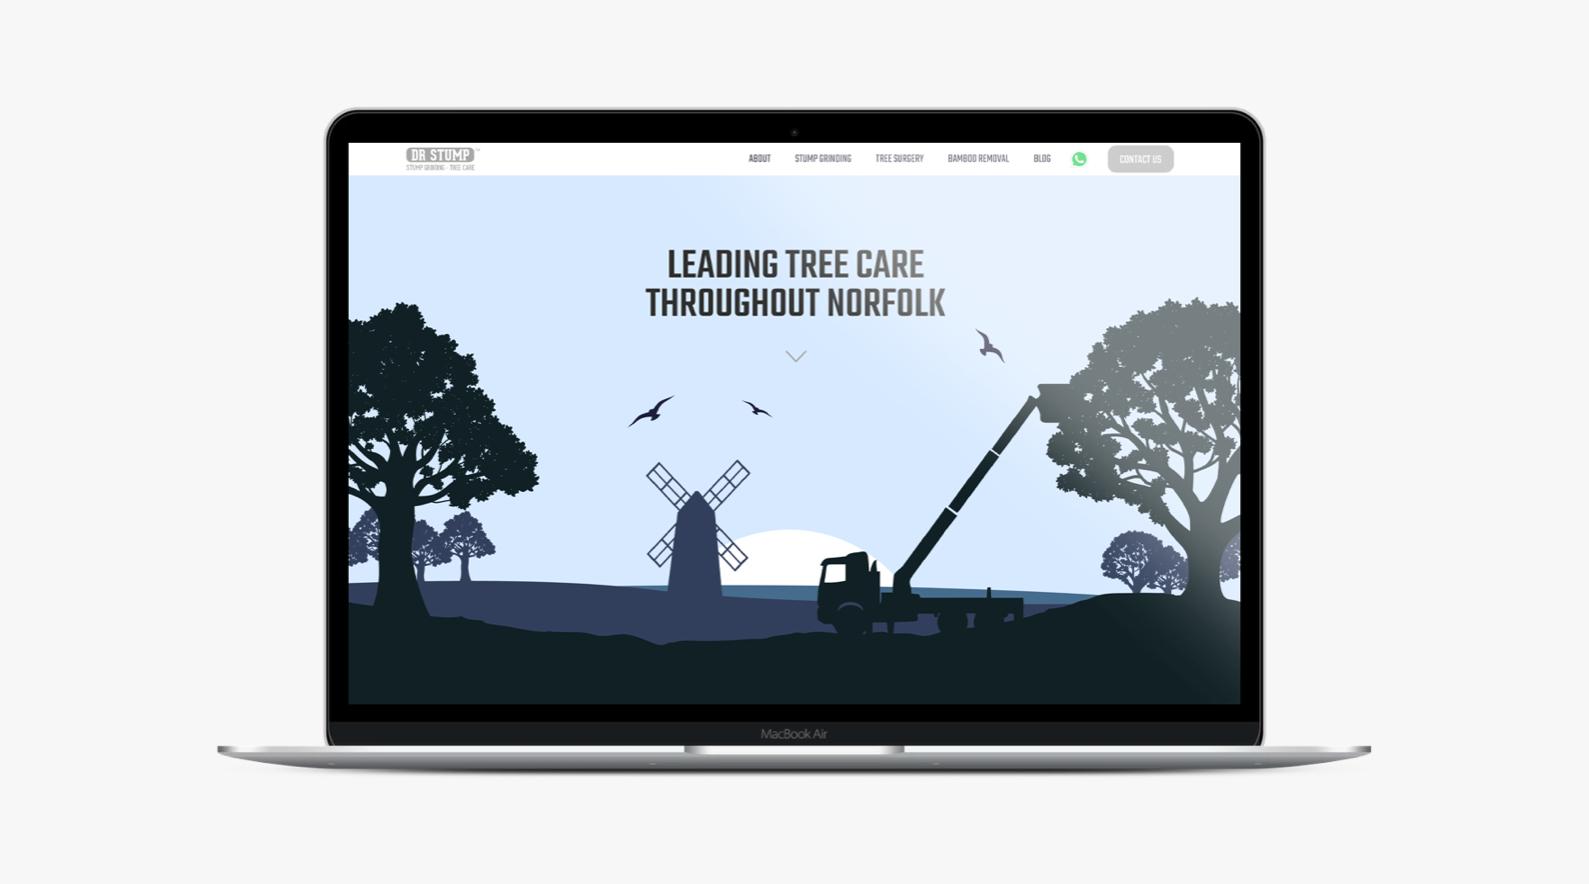 ipad visual of dr stump website